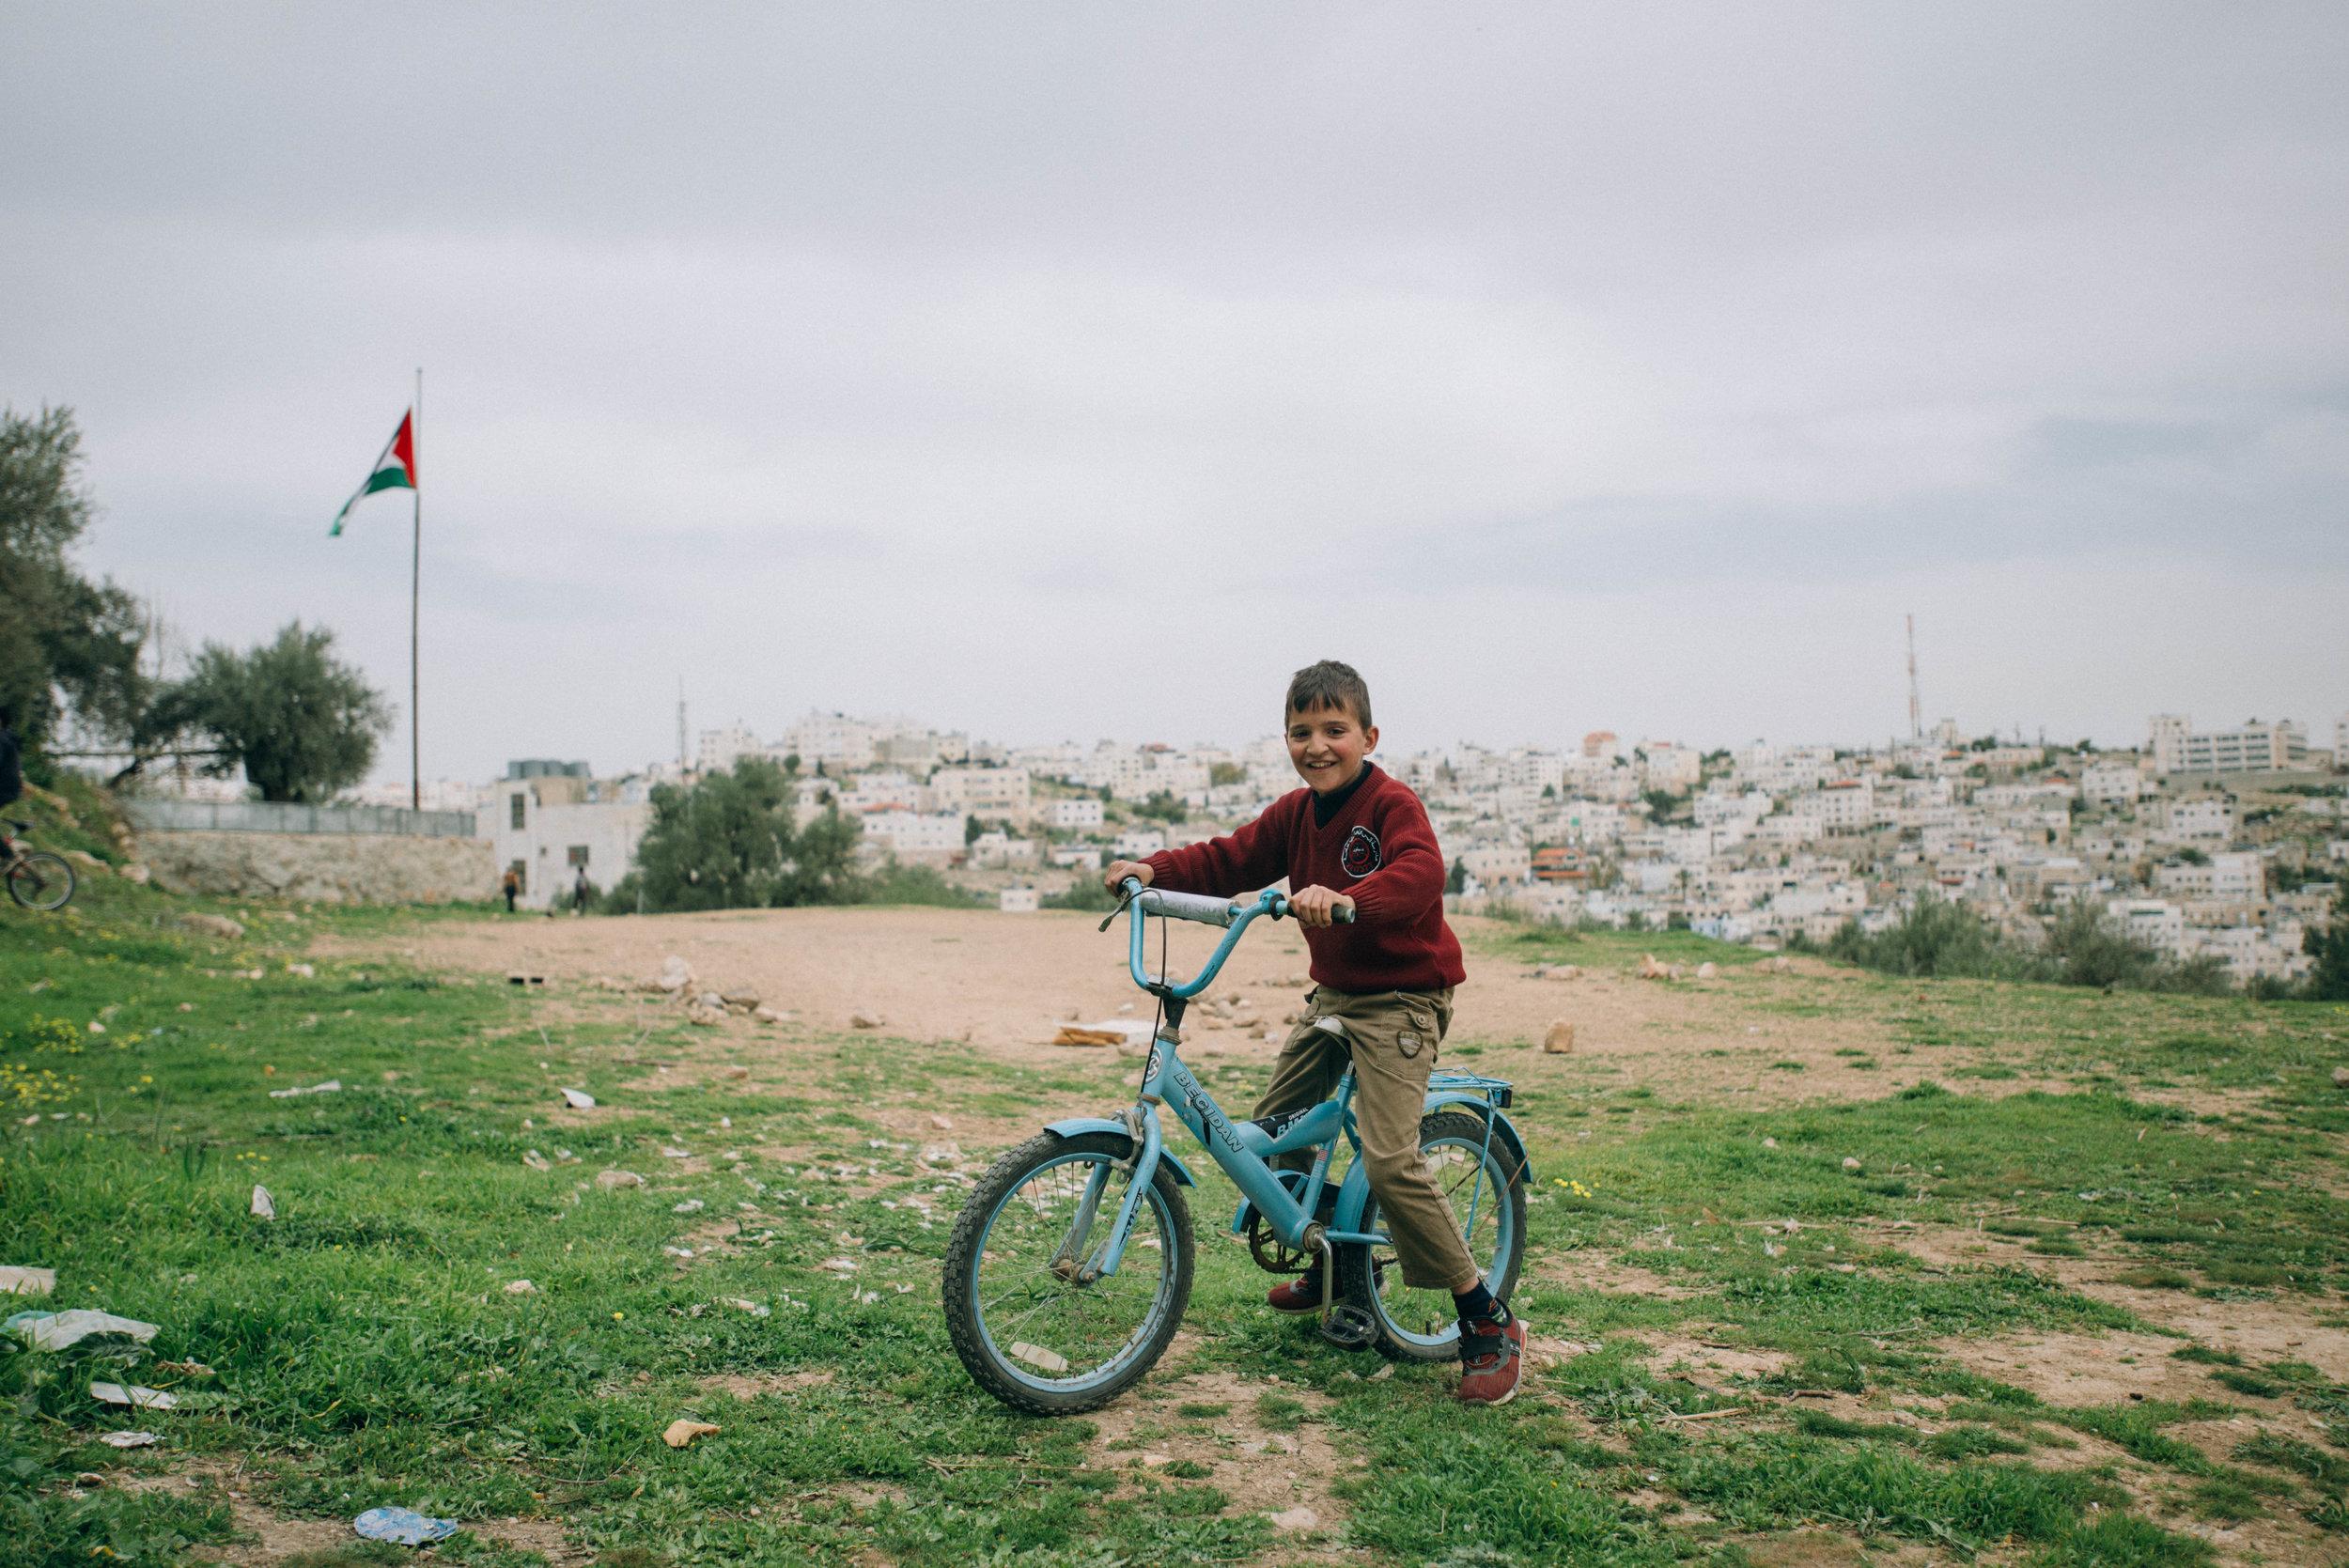 A boy rides his bike in Hebron, Palestine.